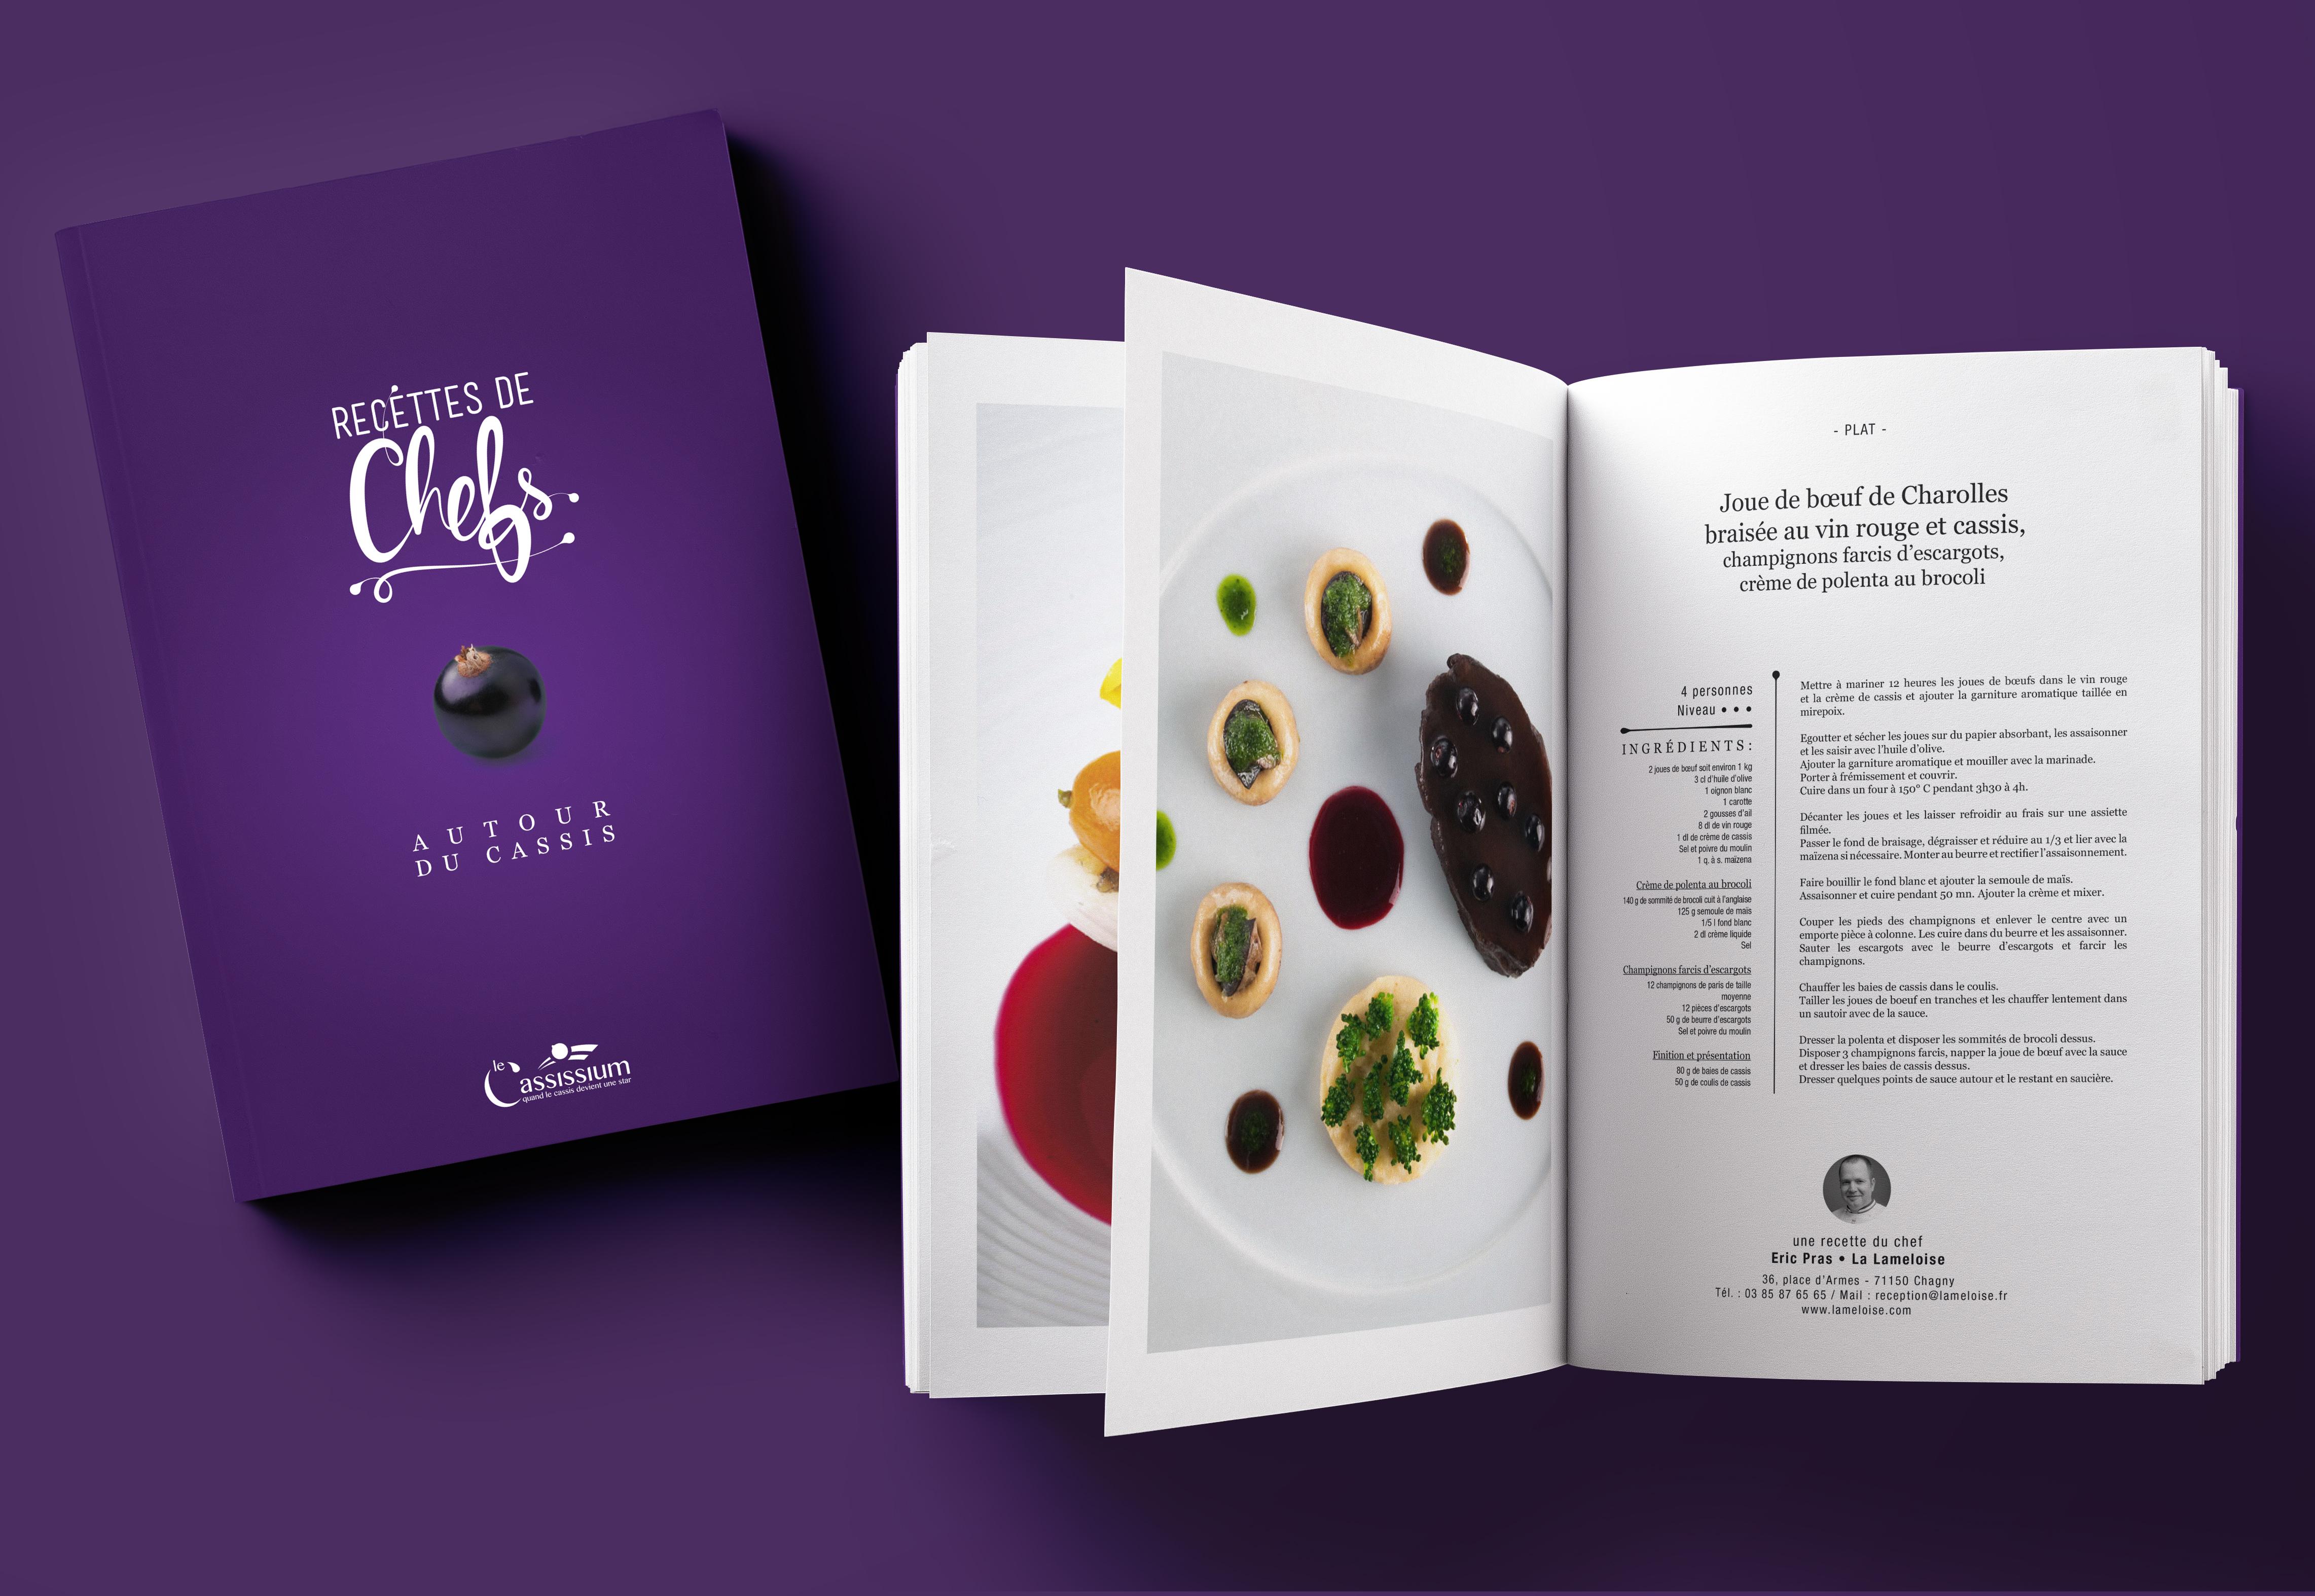 Livret réalisé pour recettes de chefs par La Griffe, Agence de communication, design et web à Dijon